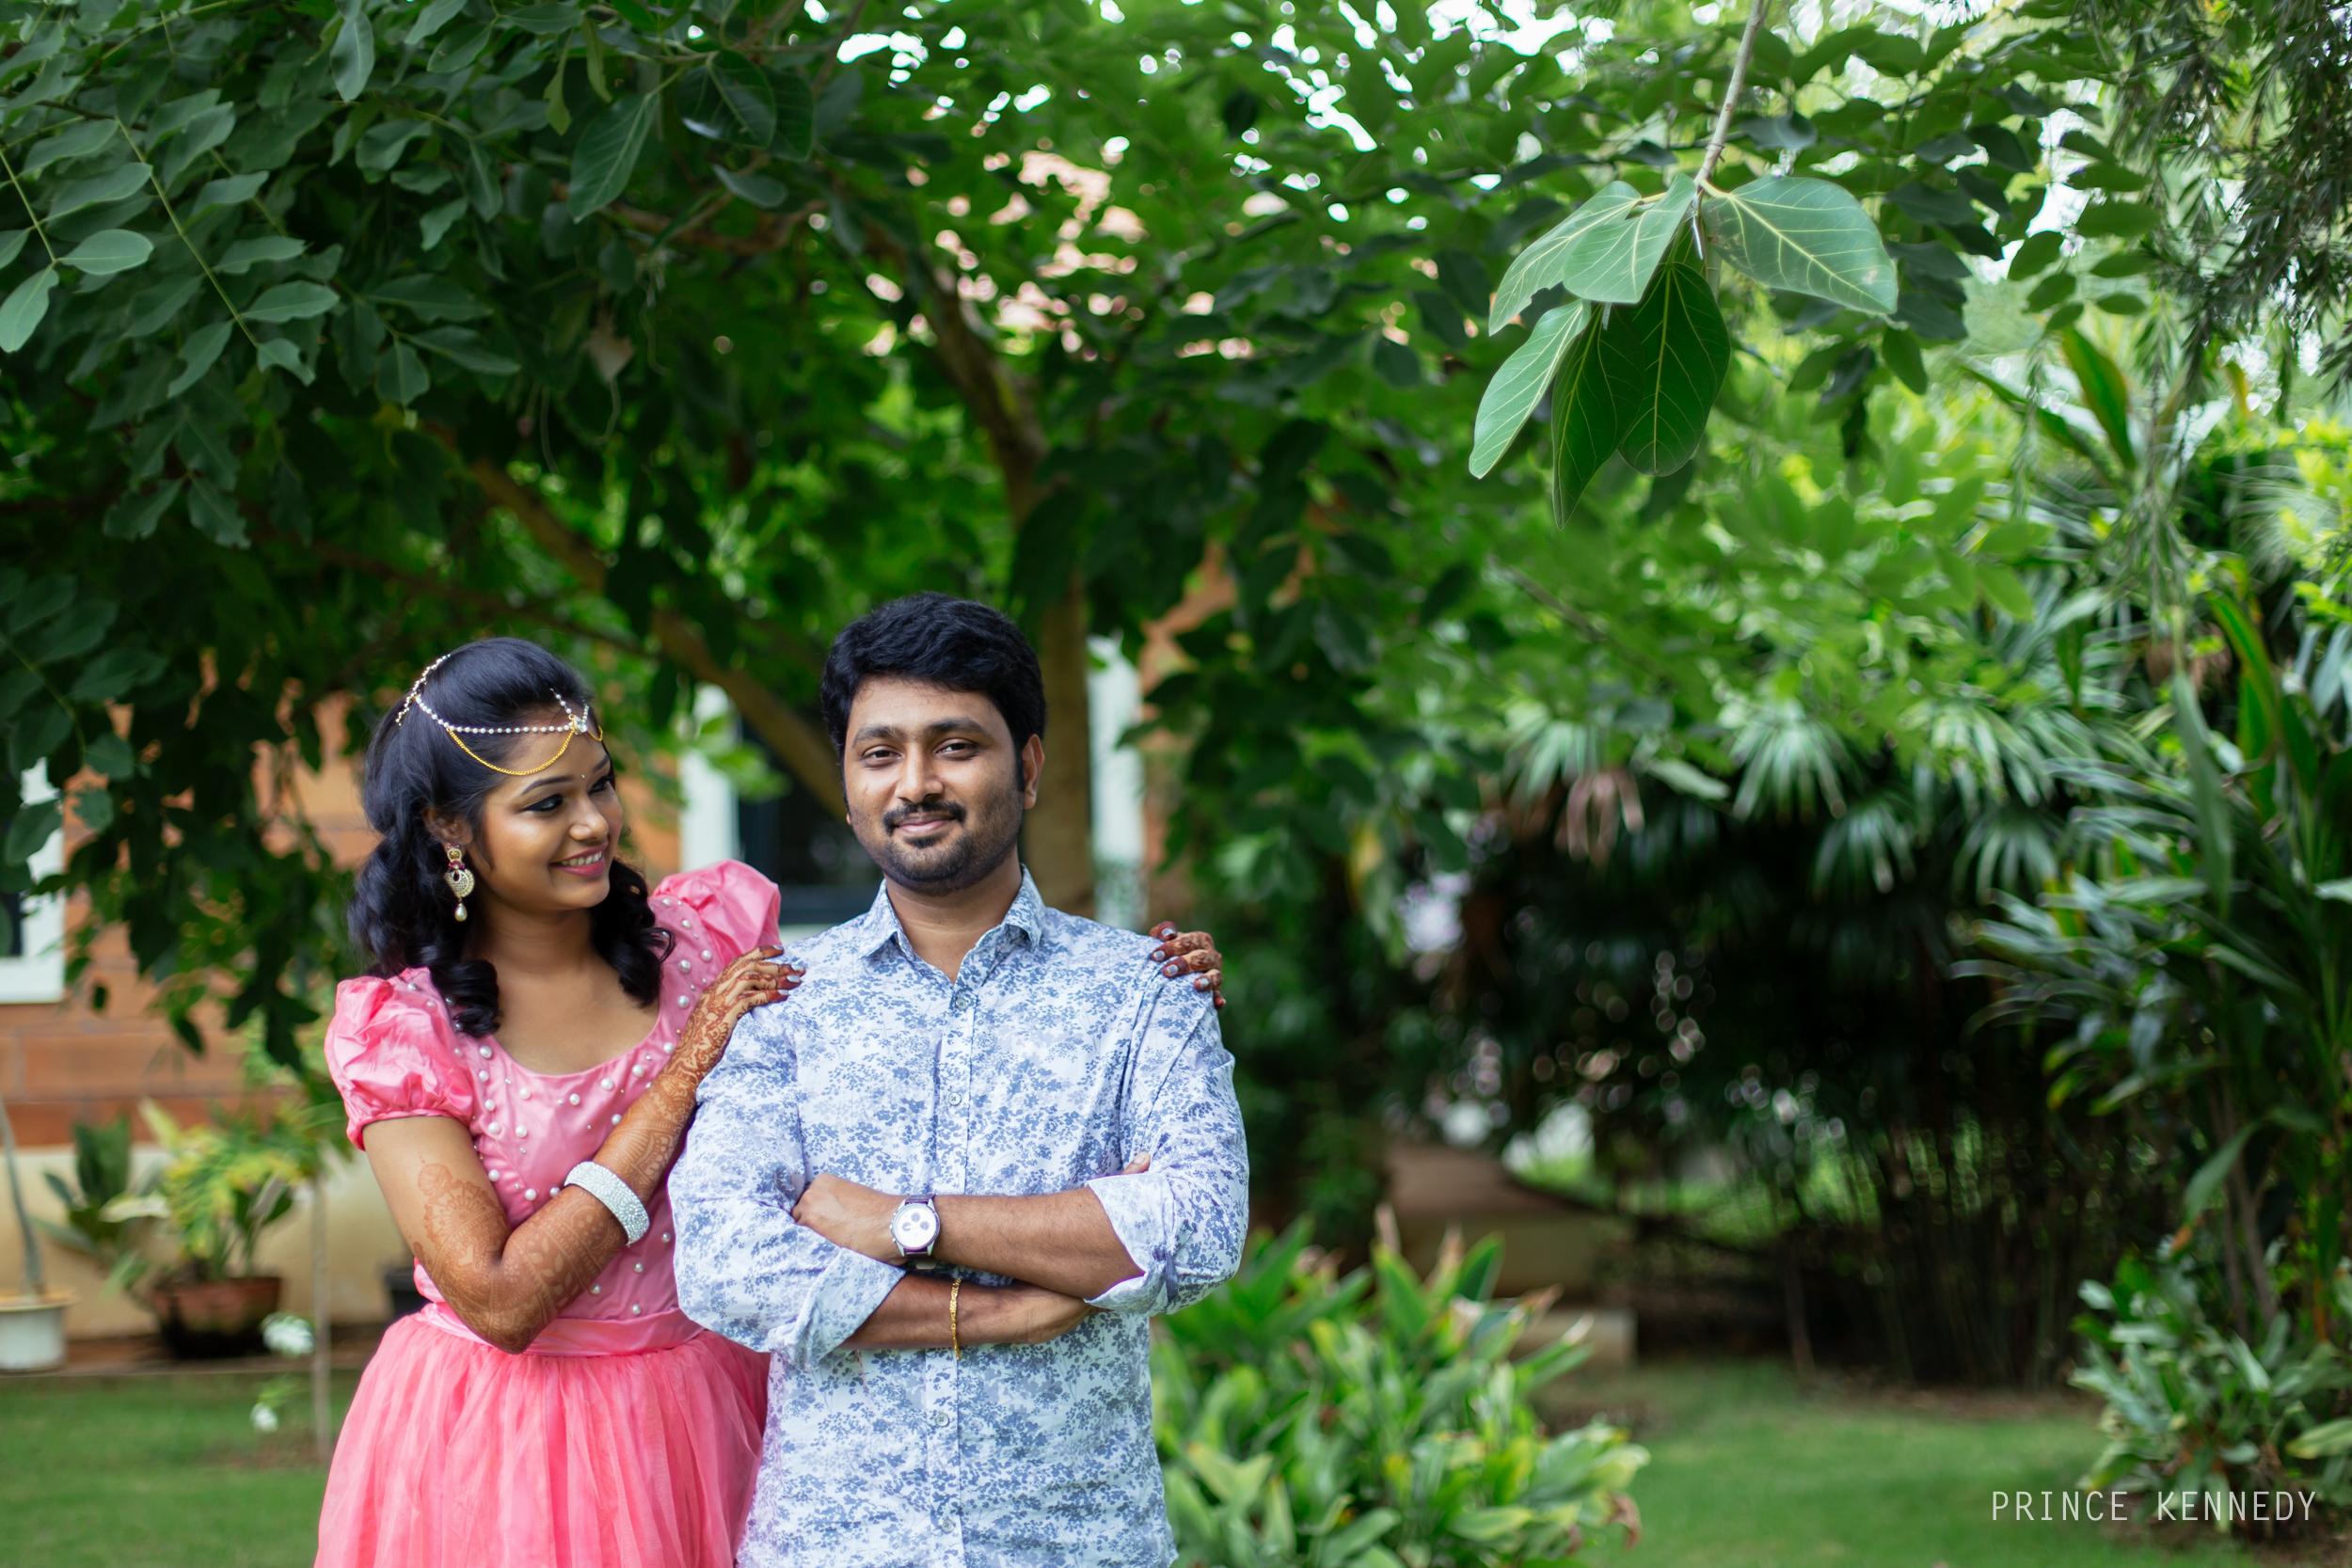 Engagement-Couple-Portrait-Portraiture-Wedding-Couple-Portrait-Chennai-Photographer-Candid-Photography-Destination-Best-Prince-Kennedy-Photography-54.jpg